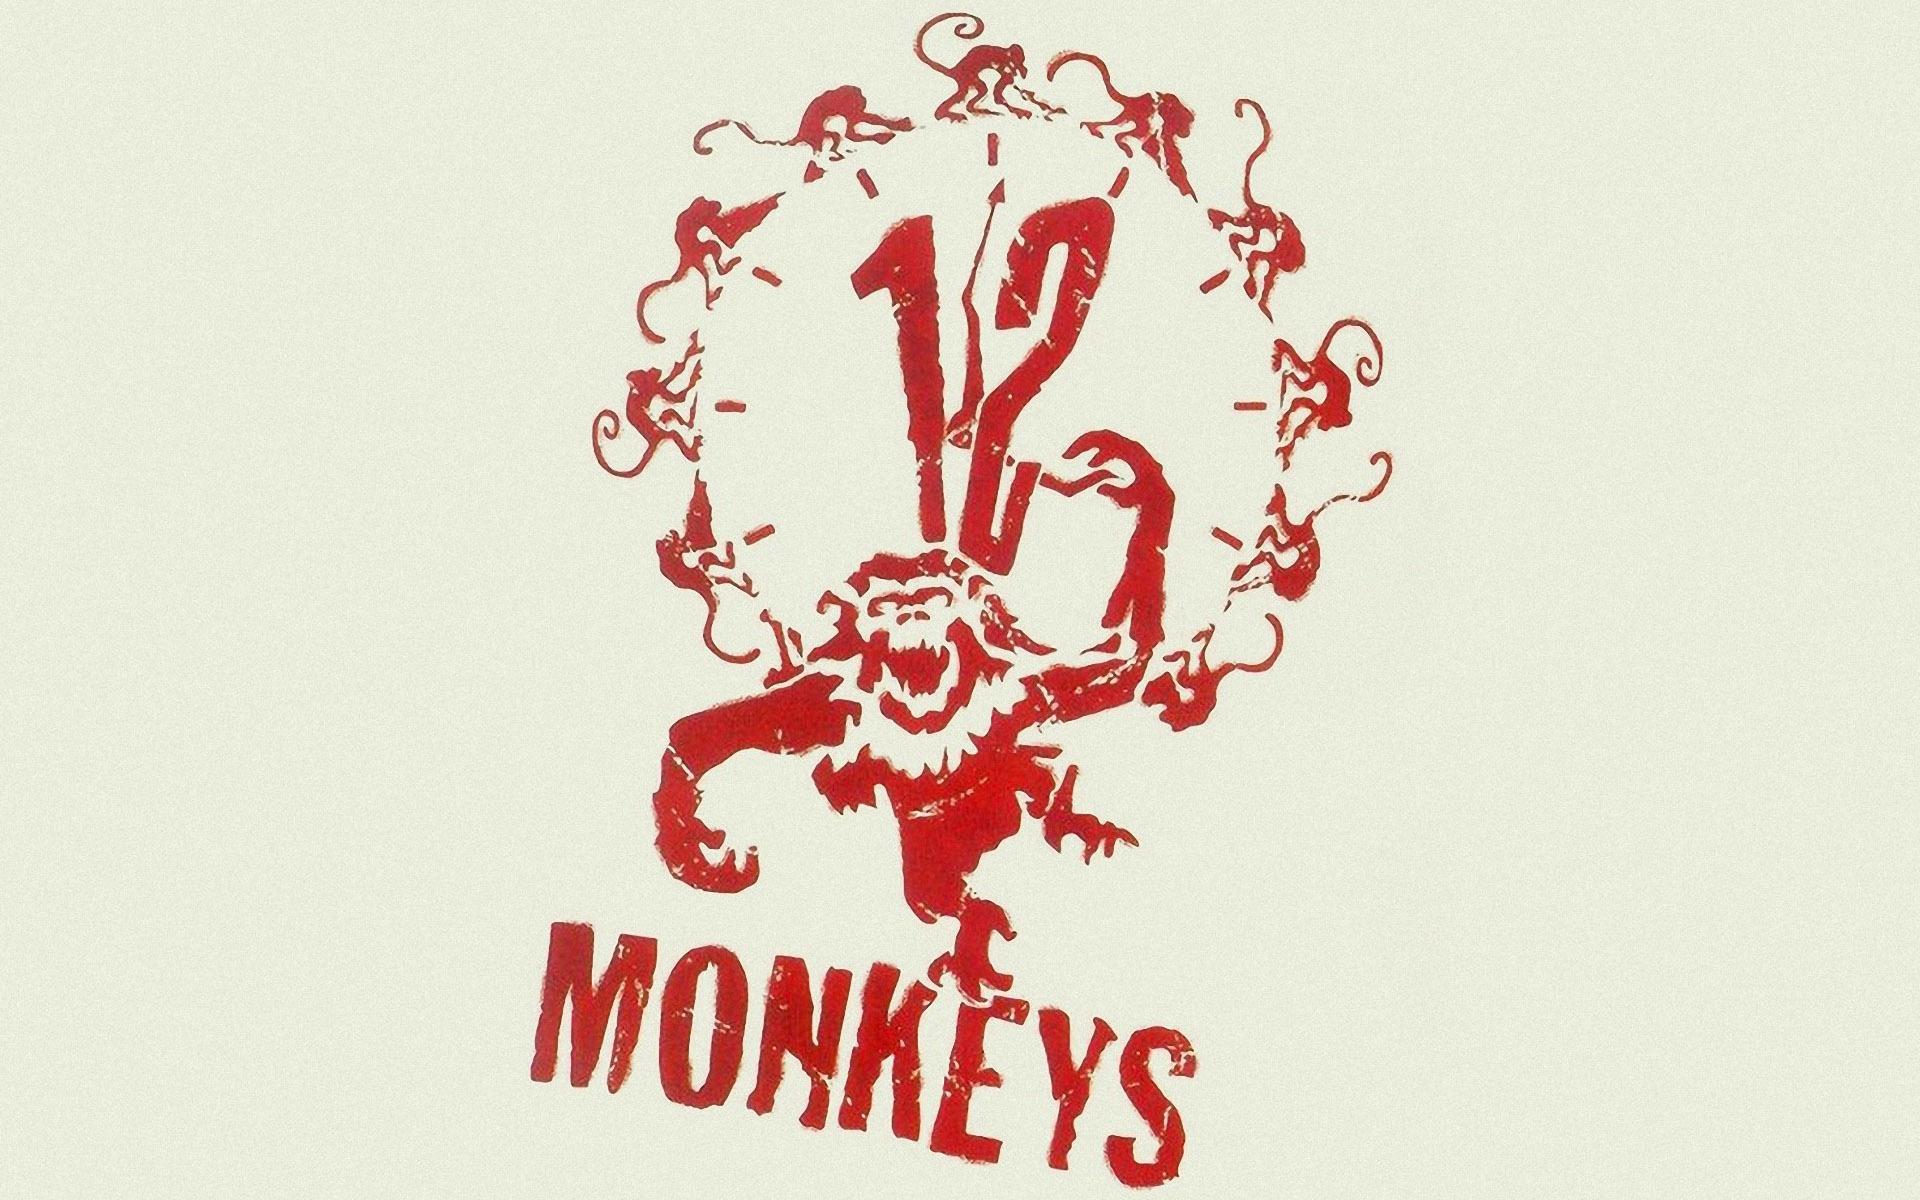 12 Monkeys Wallpapers hd